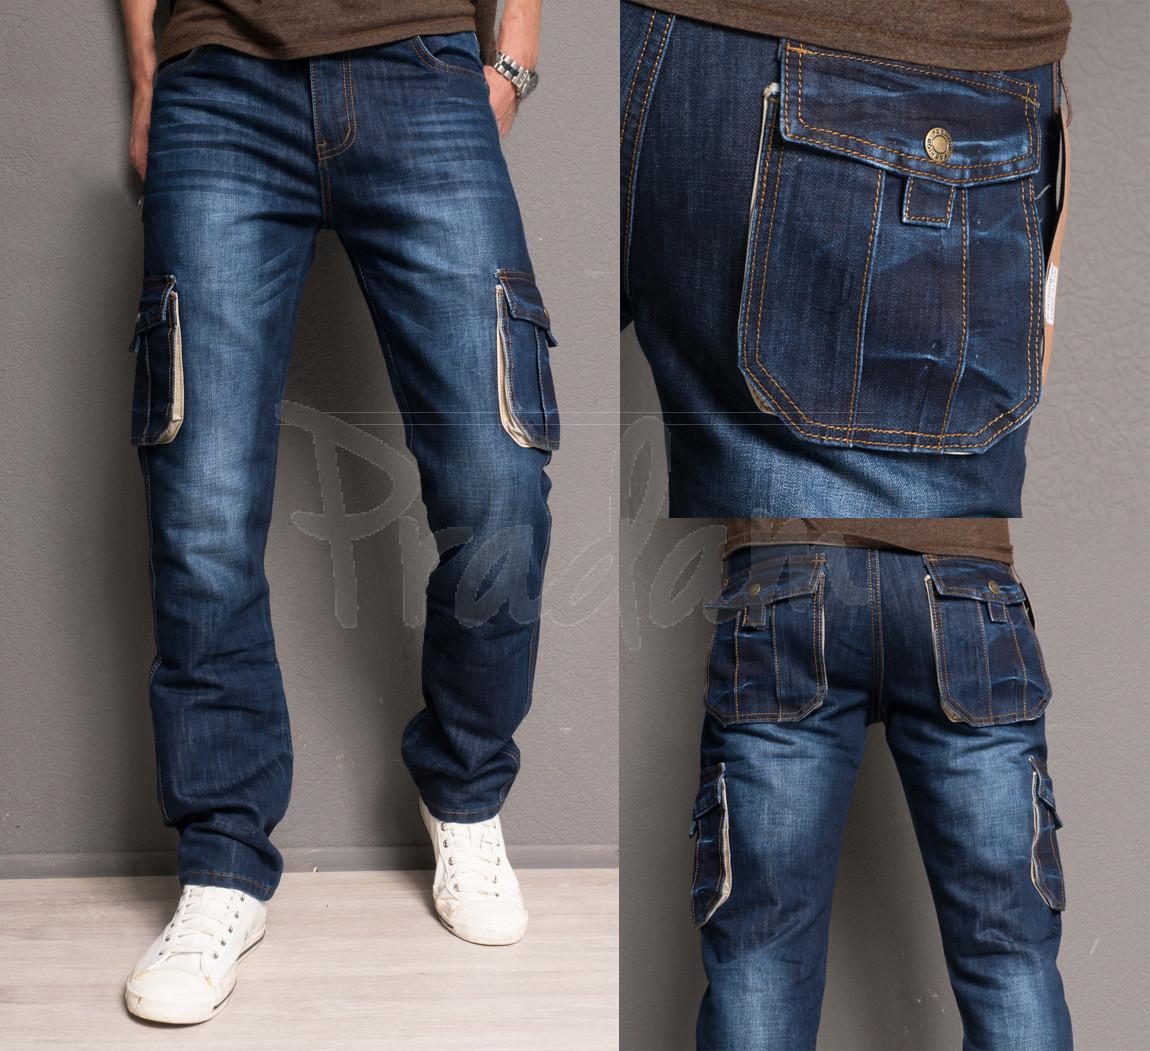 5003 Attrend джинсы мужские с накладными карманами весенние котоновые (29-34, 6 ед.)